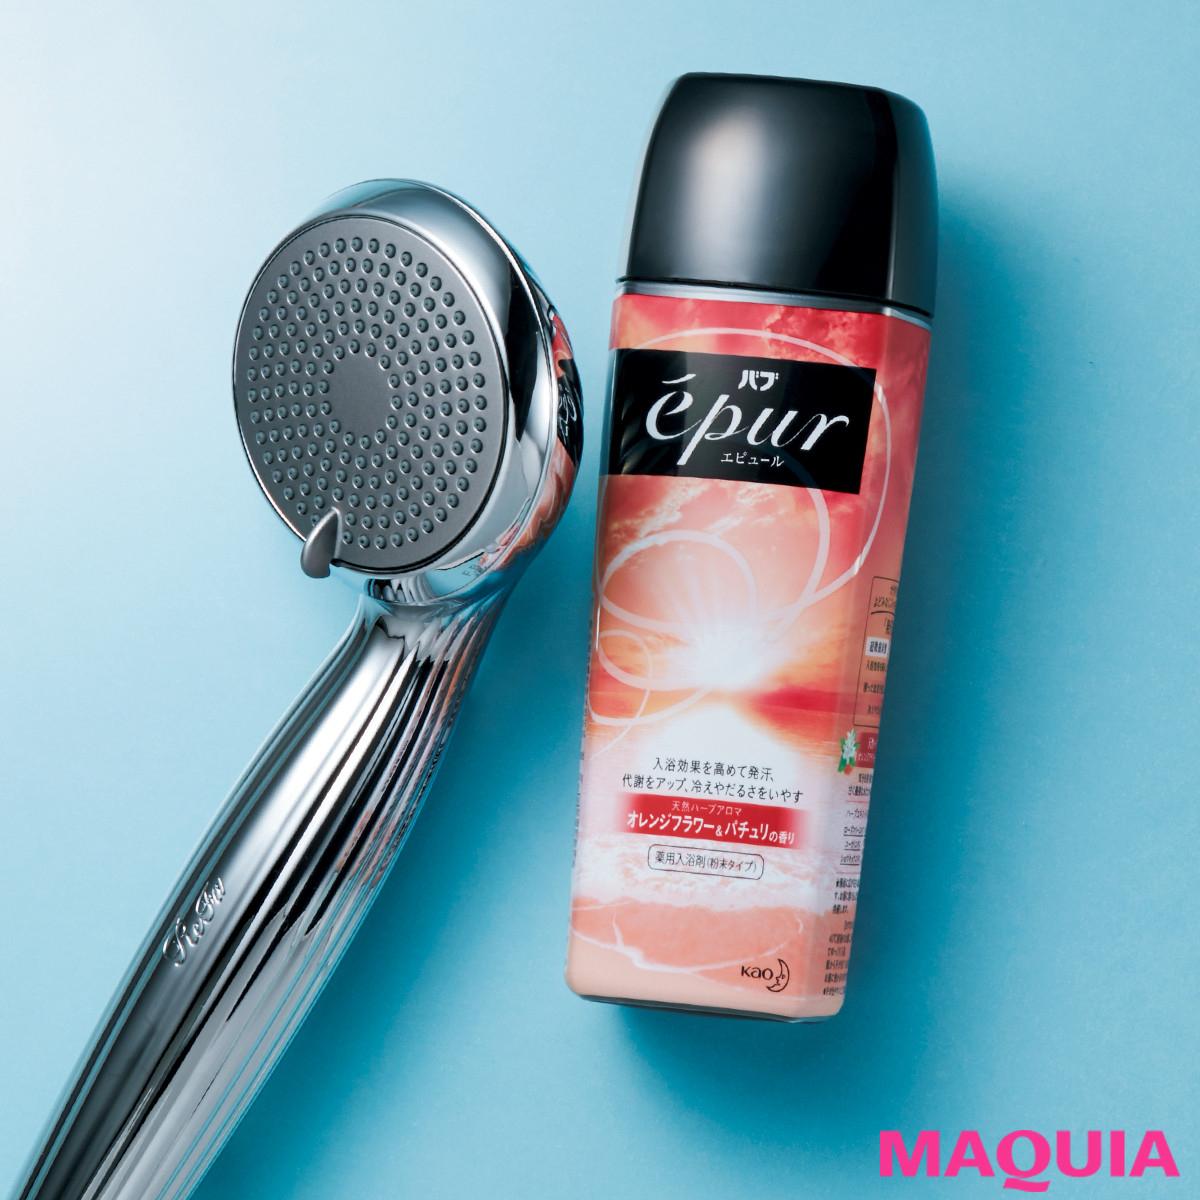 泡のチカラで全身キレイに! 温浴&美肌効果がアップするお風呂の泡アイテム